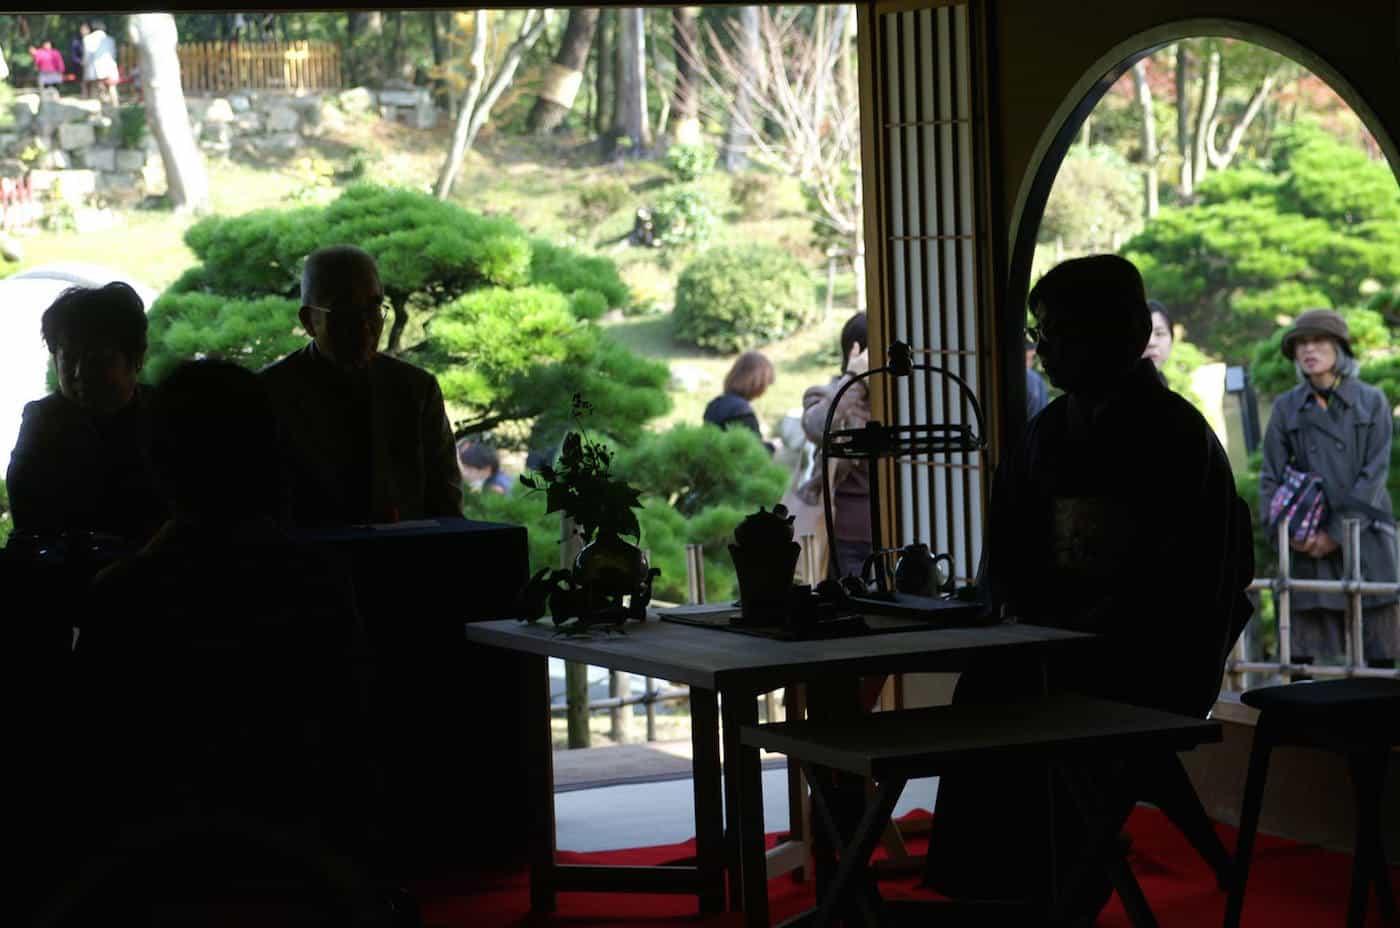 momiji tea ceremony shukkei-en garden in hiroshima japan